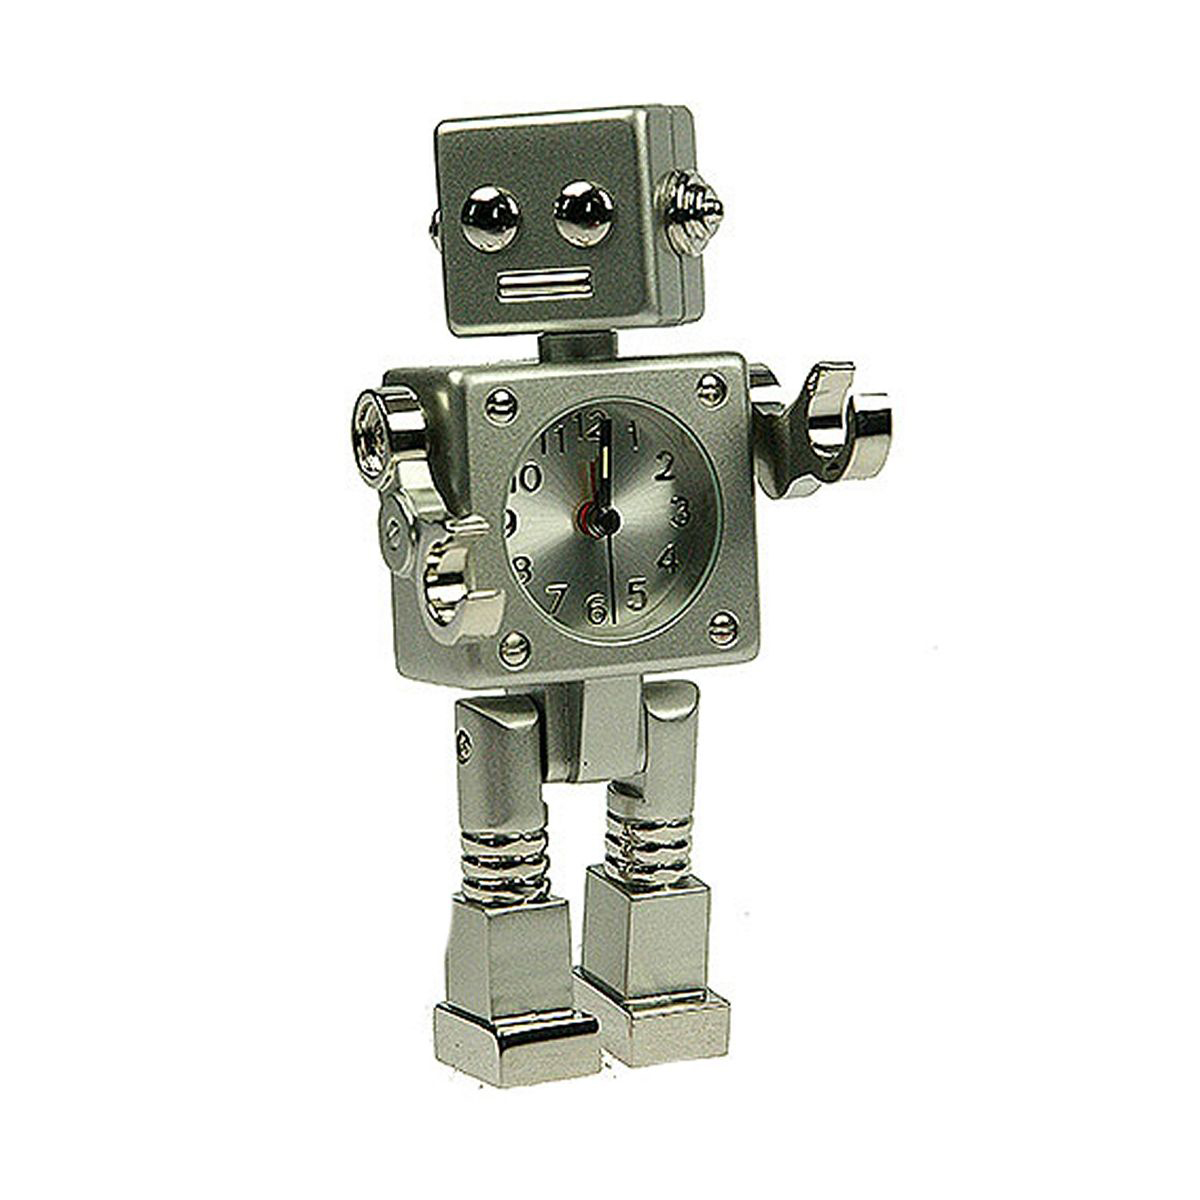 Часы настольные Русские Подарки Робот. 2243294672Настольные кварцевые часы Русские Подарки Робот изготовлены из металла. Изделие оригинально оформлено в виде робота. Часы имеют три стрелки - часовую, минутную и секундную.Такие часы украсят интерьер дома или рабочий стол в офисе. Также часы могут стать уникальным, полезным подарком для родственников, коллег, знакомых и близких.Часы работают от батареек типа SR626 (в комплект не входят).